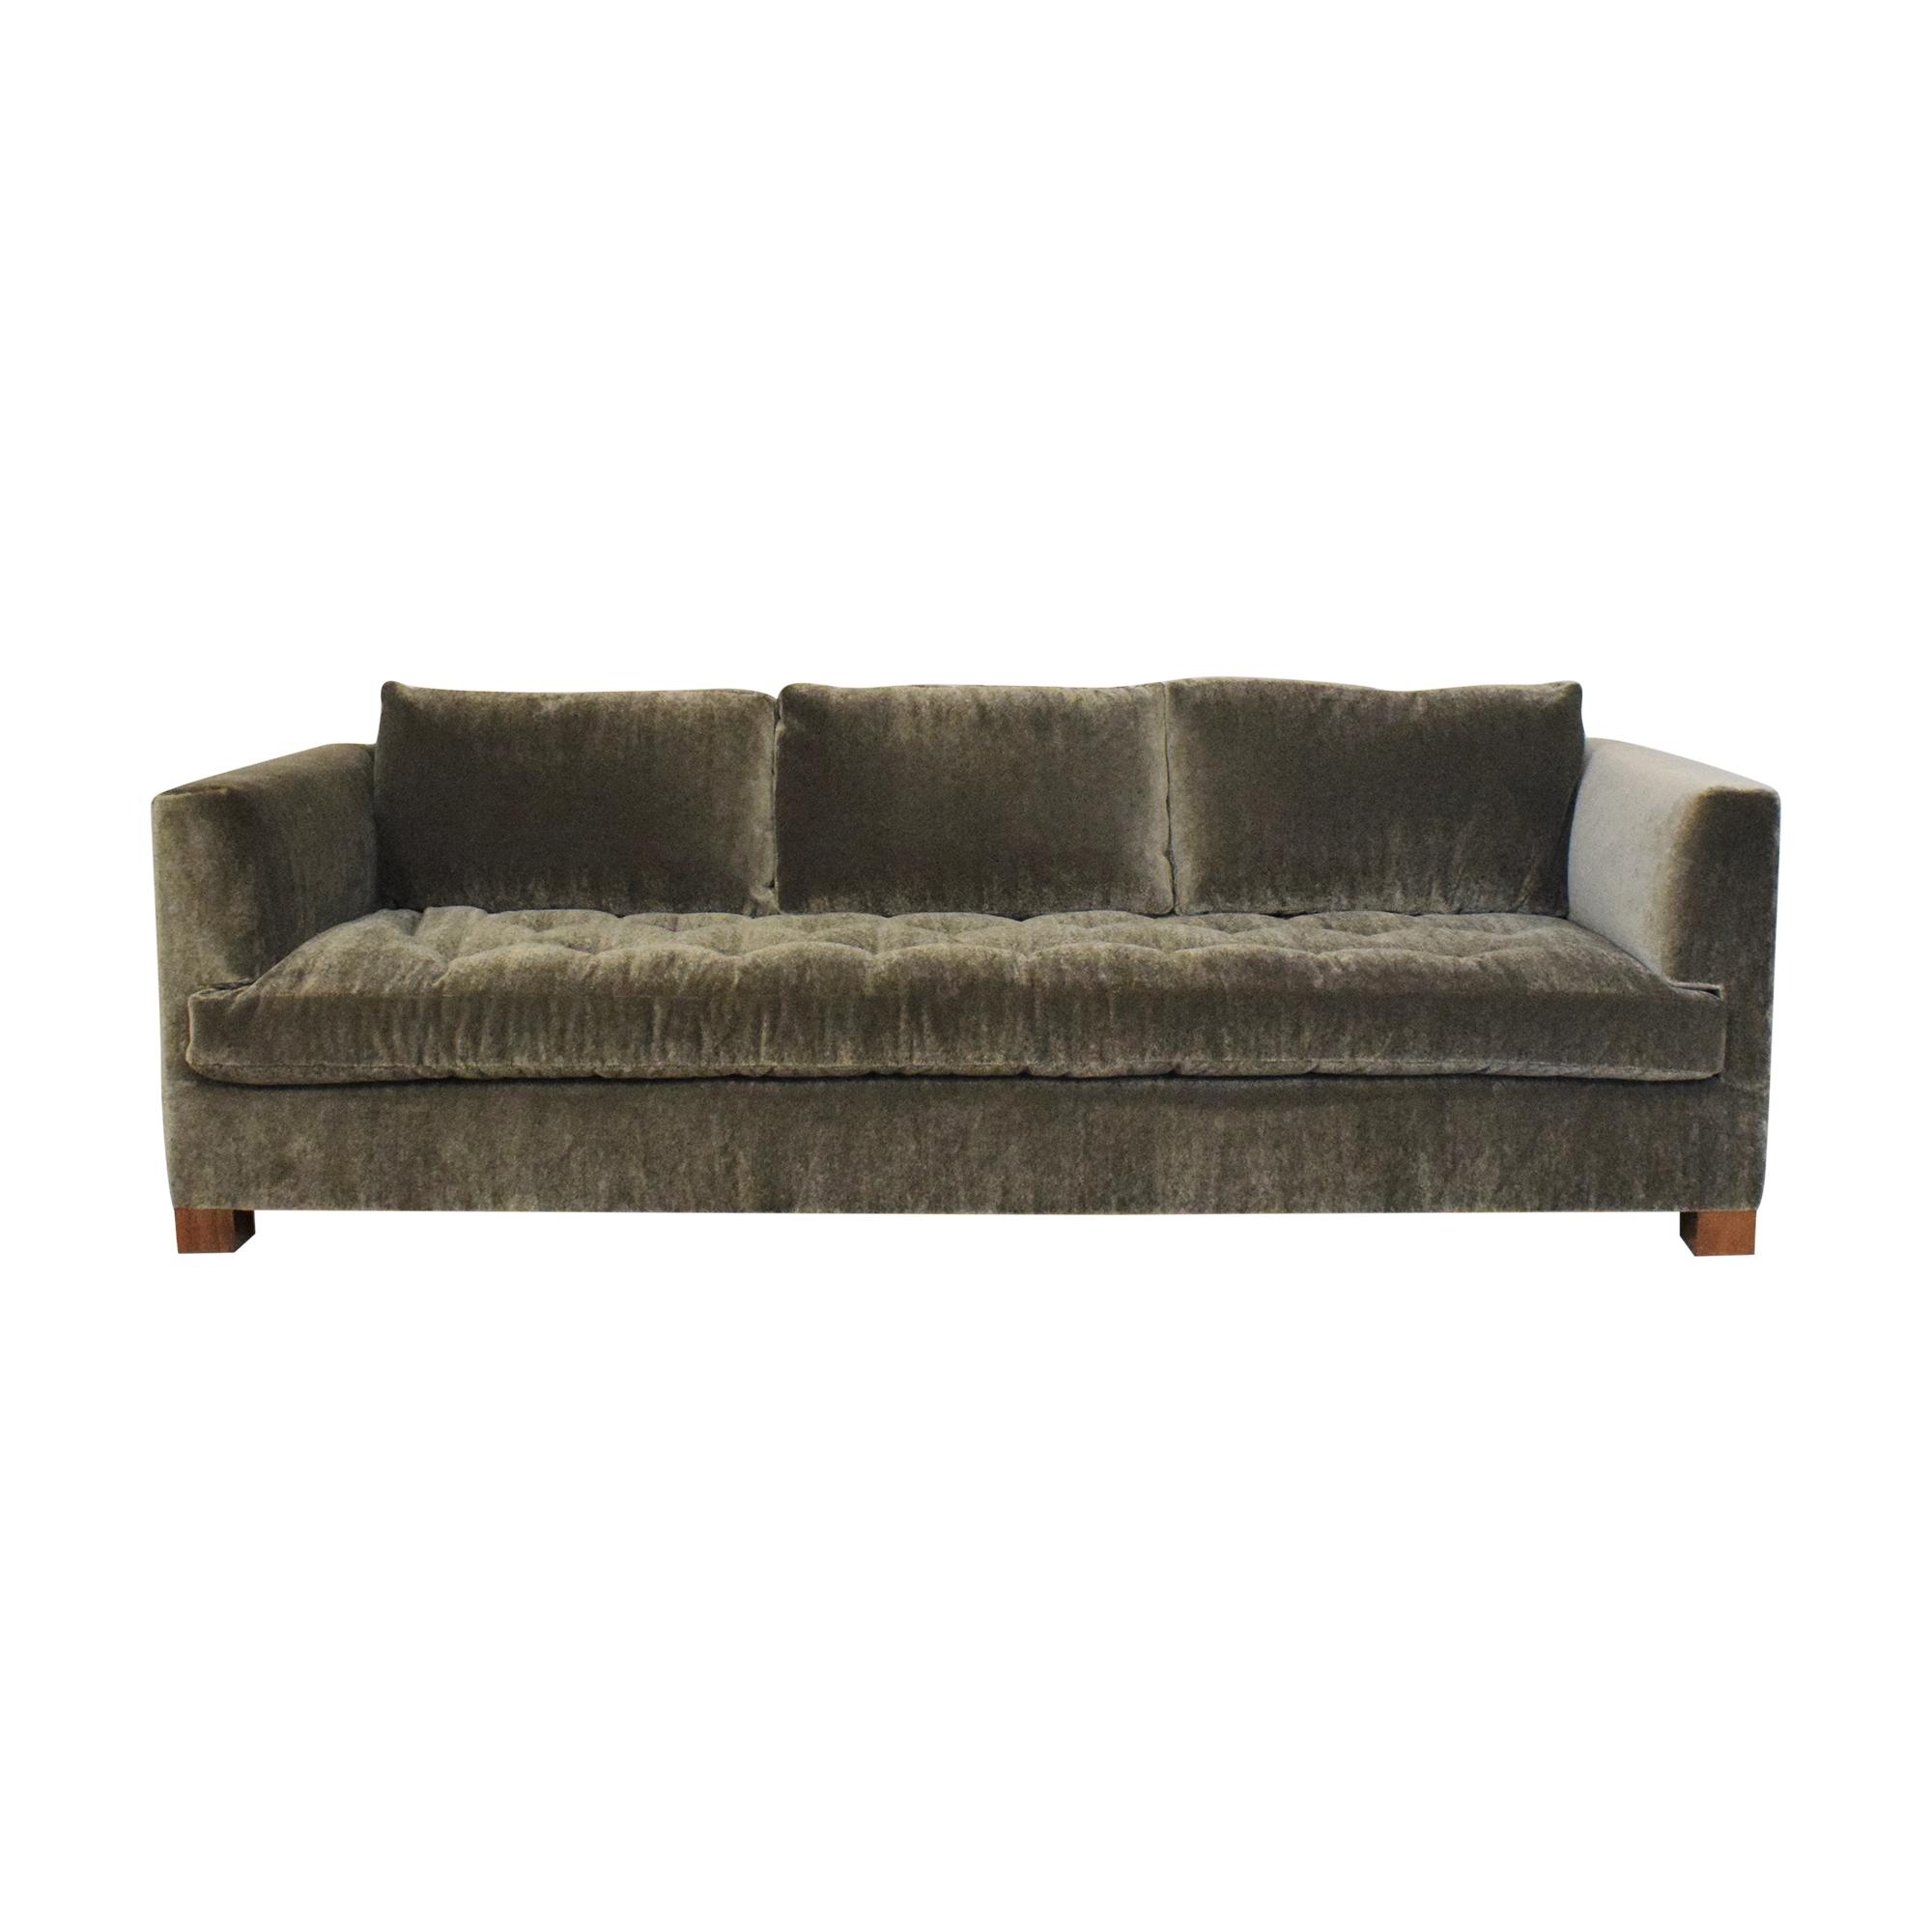 Jonas Jonas St. Thomas Custom Tufted Sofa on sale